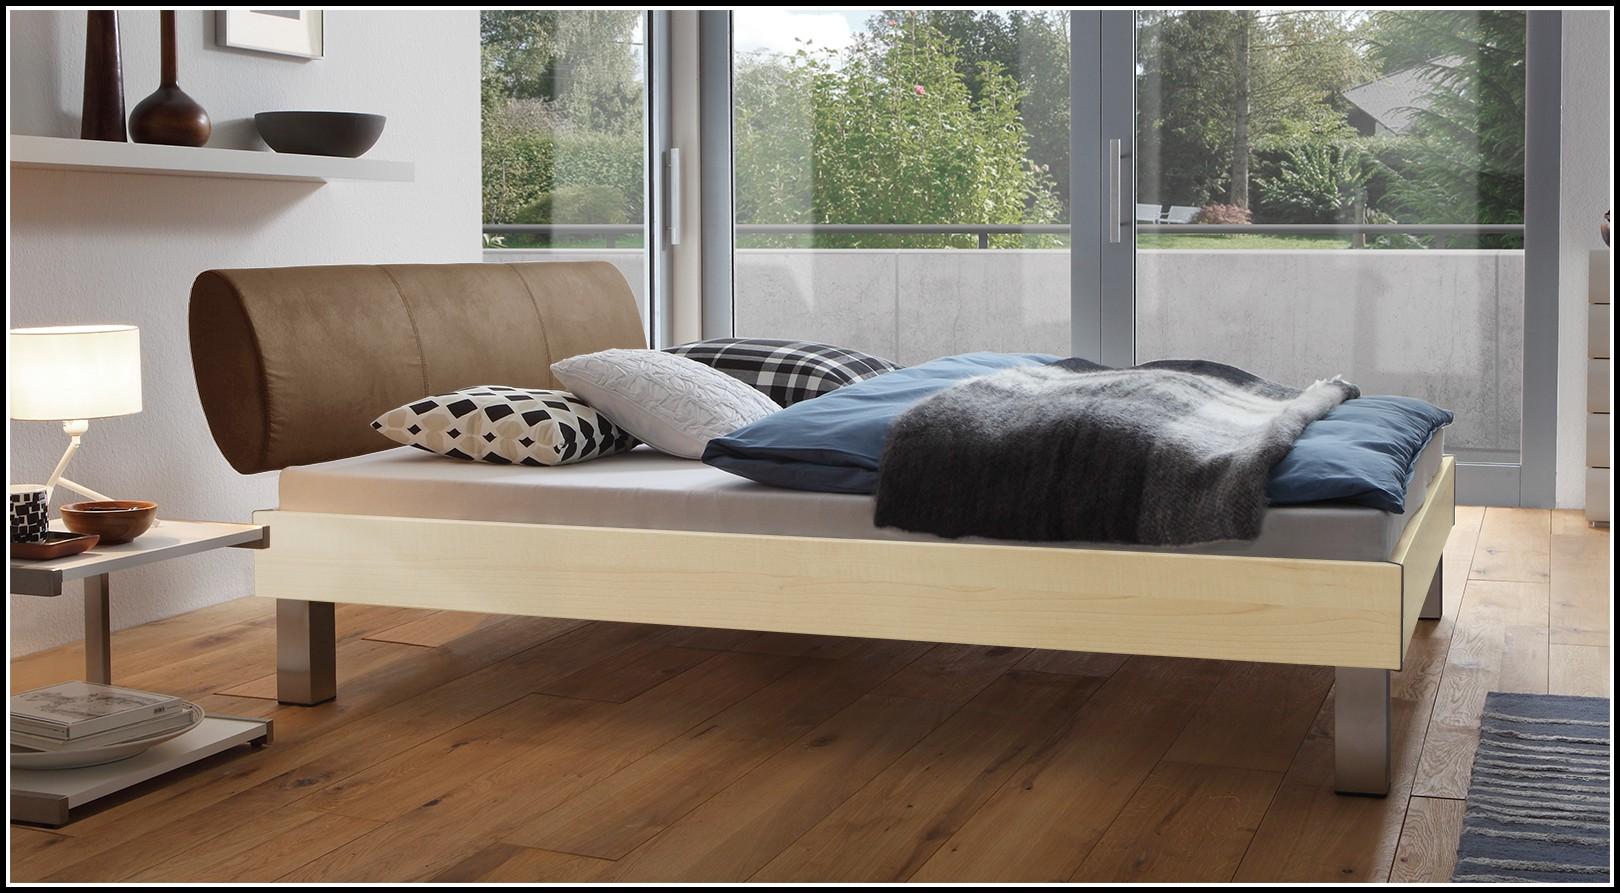 bett 120 cm breit ahorn download page beste wohnideen. Black Bedroom Furniture Sets. Home Design Ideas